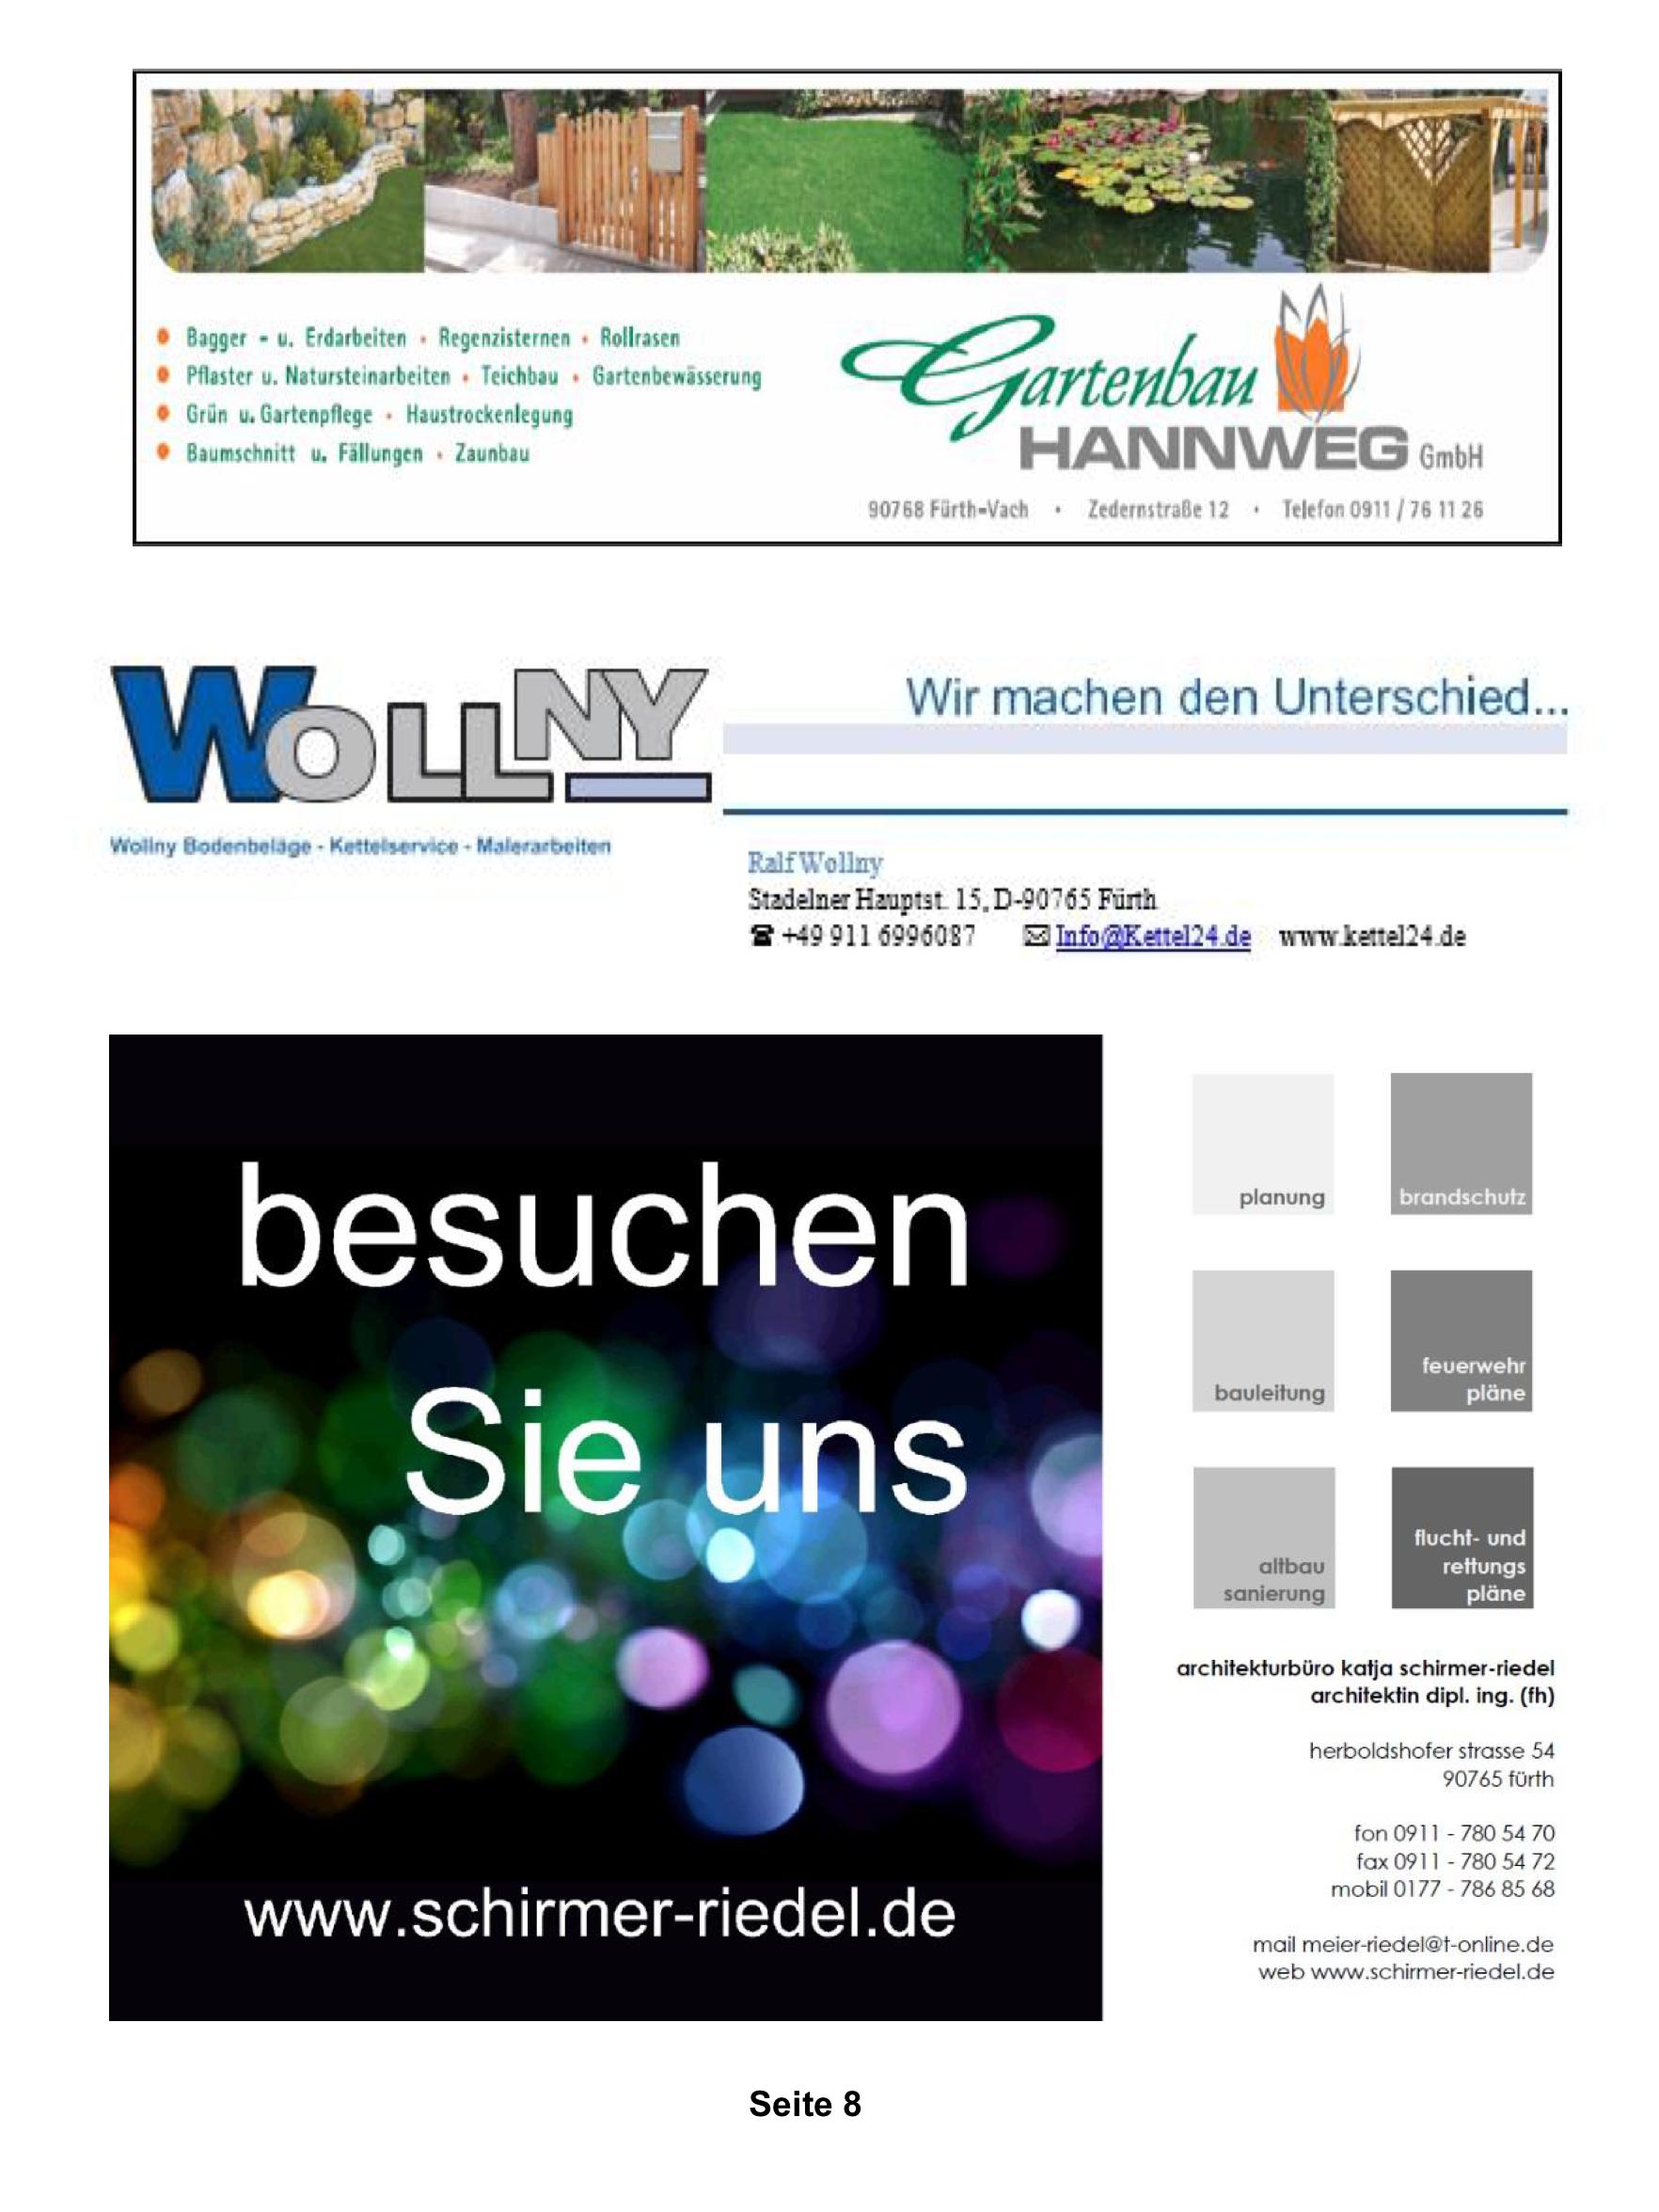 Grossschwarzenlohe-8.png